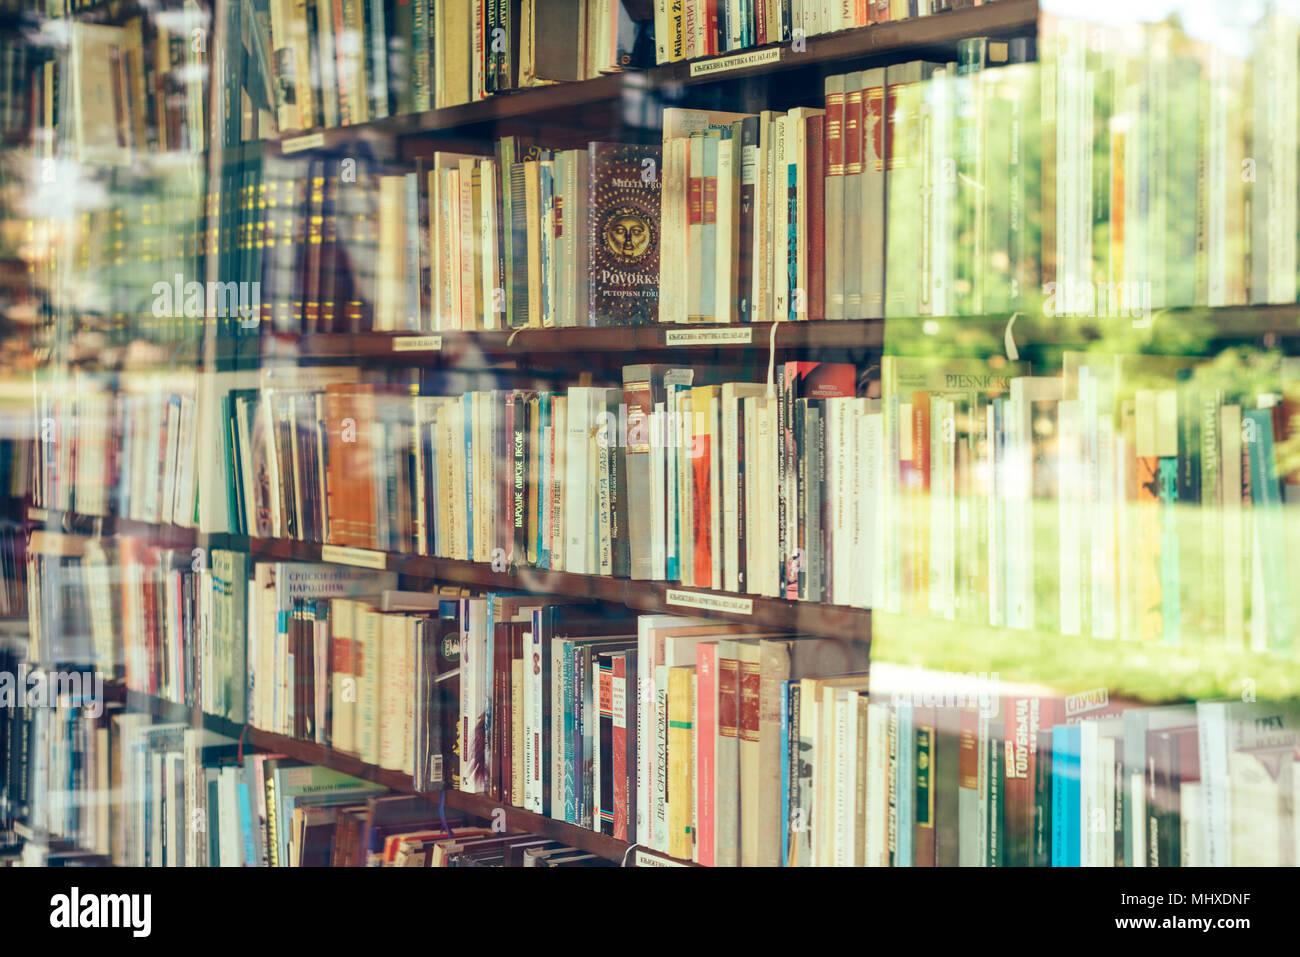 NOVI SAD, Serbien - 2. Mai 2018: Verschiedene Bücher auf dem Regal in der kleinen Bibliothek bei Bistrica in Novi Sad, illustrative Editorial Stockbild